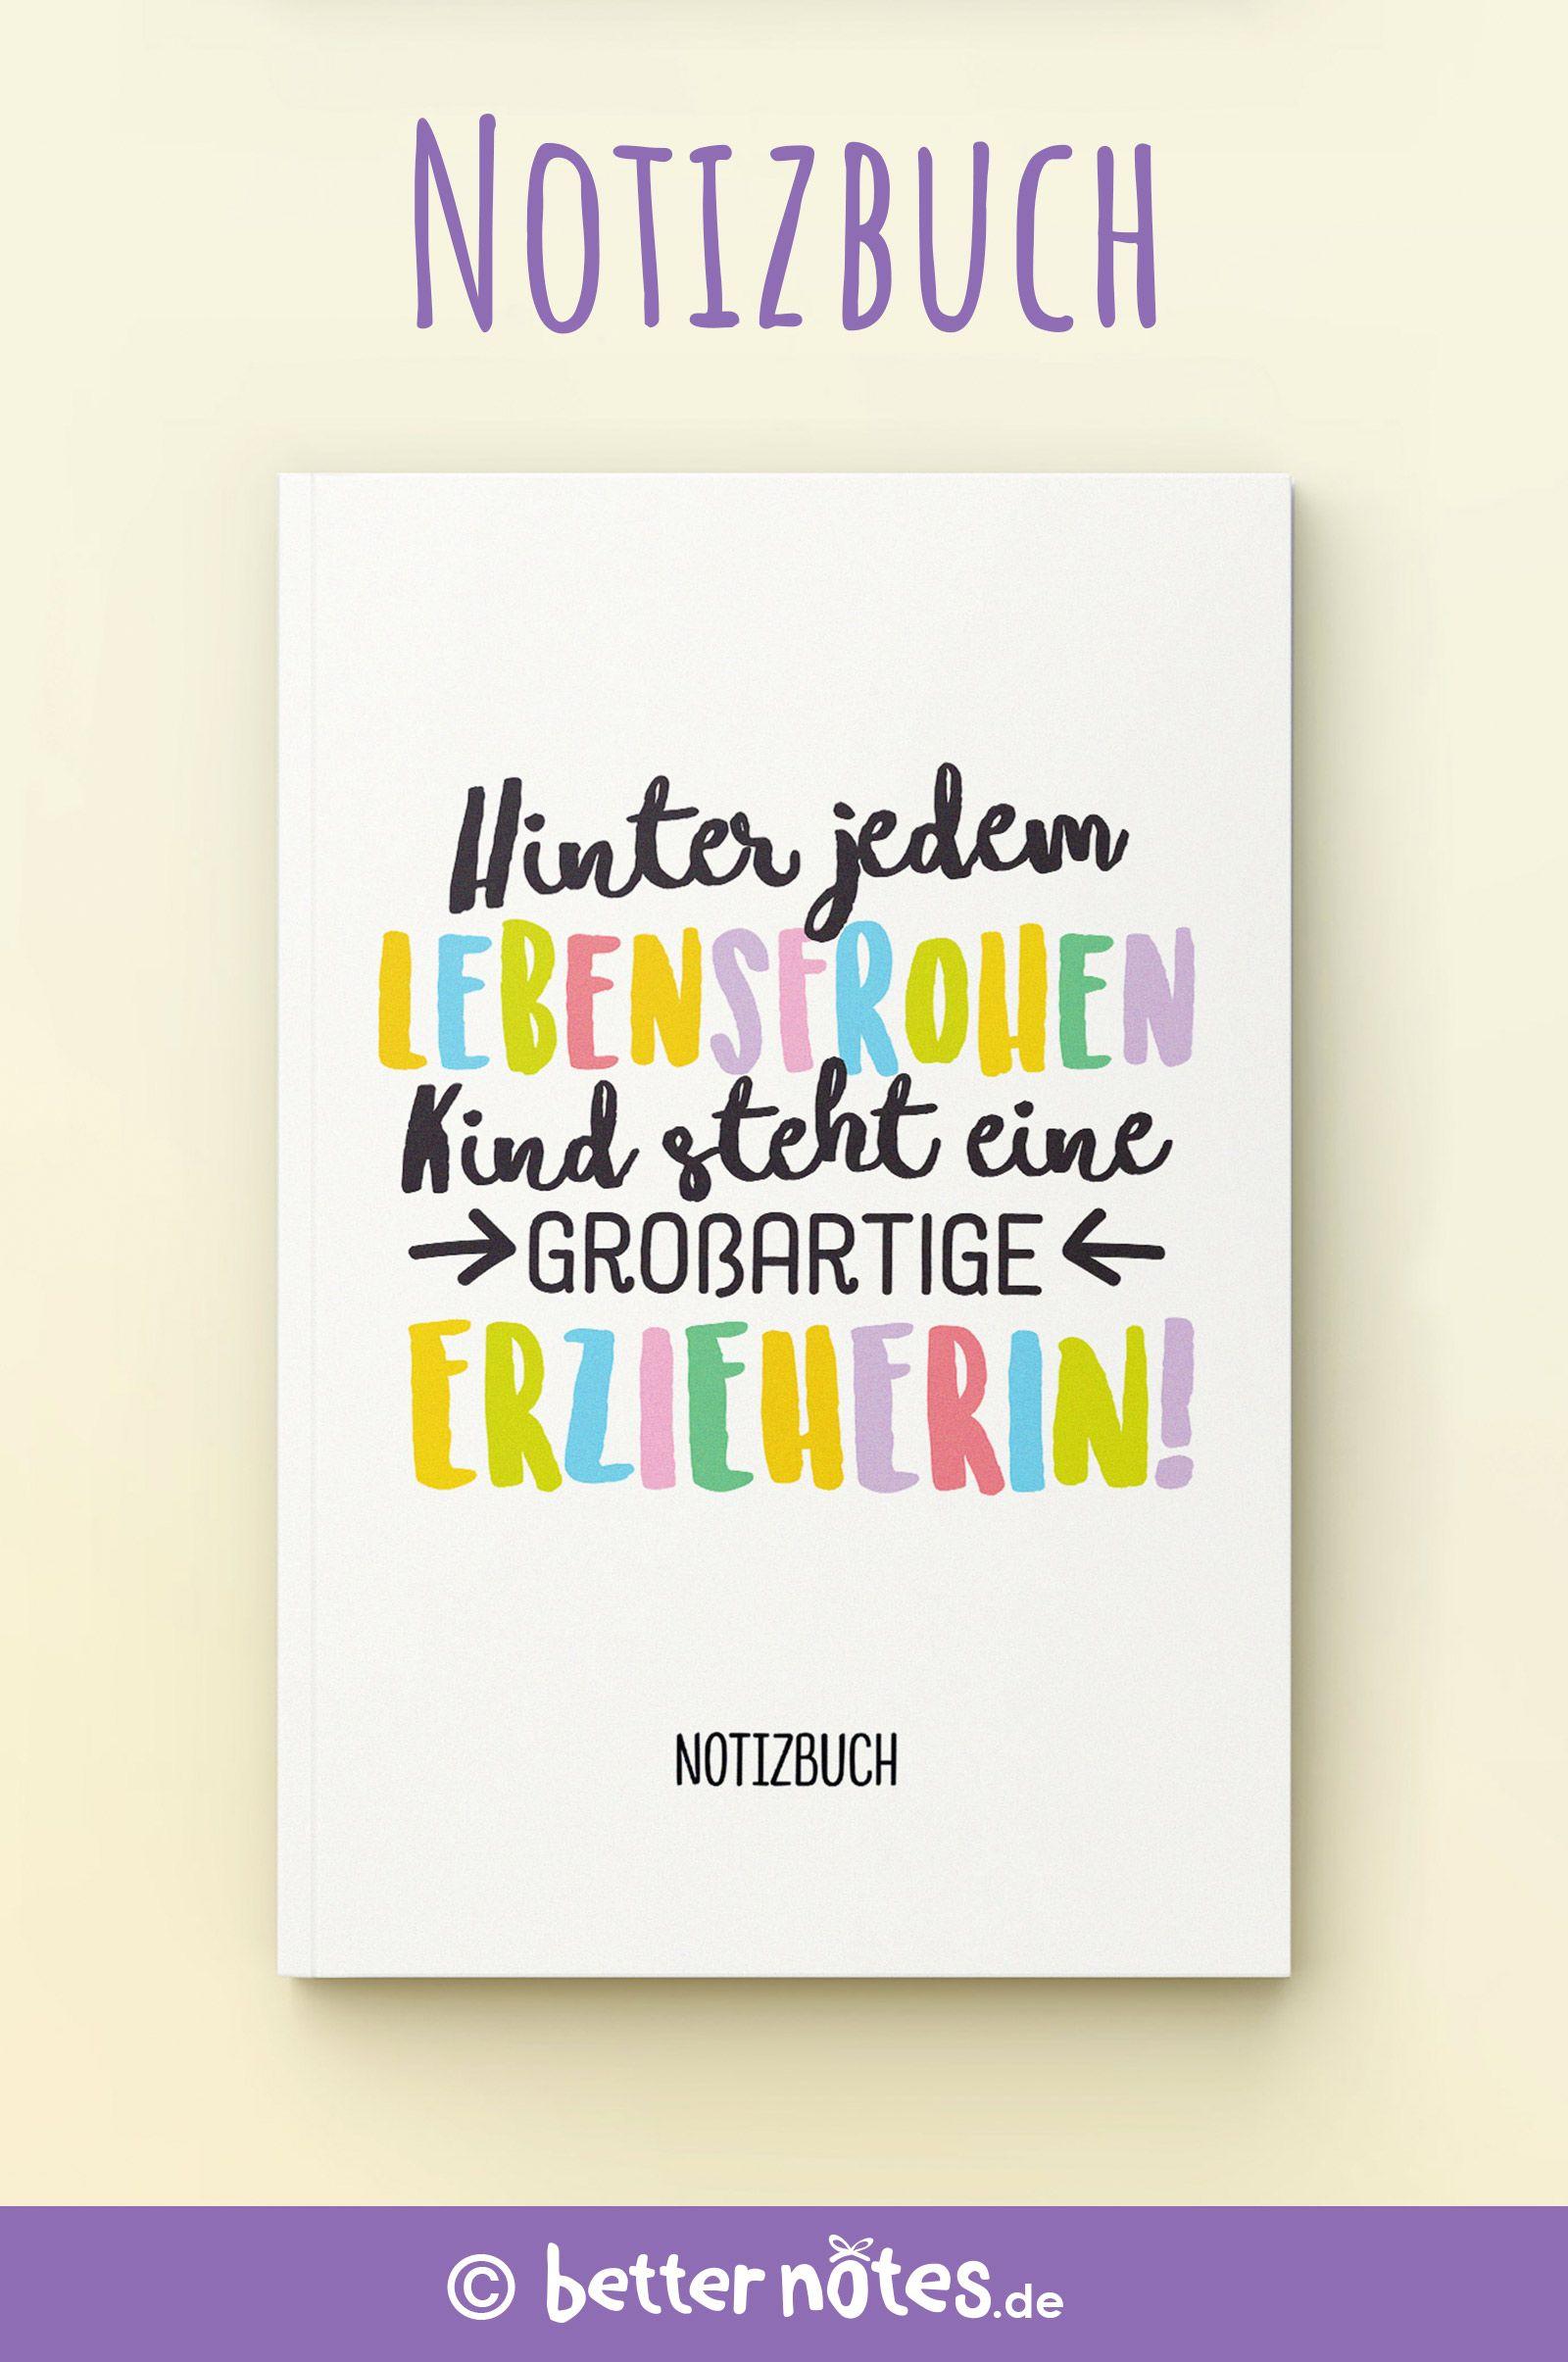 Hinter jedem lebensfrohen Kind steht eine großartige Erzieherin -  Schönes Notizbuch als Geschenk für Erzieherin | Abschiedsgeschenke für Erzieherinnen | Zum Kita Abschied, Weihnachten oder Geburtstag - #abschiedsgeschenk #kindergarten #erzieherin #abschiedsgeschenkerzieherin